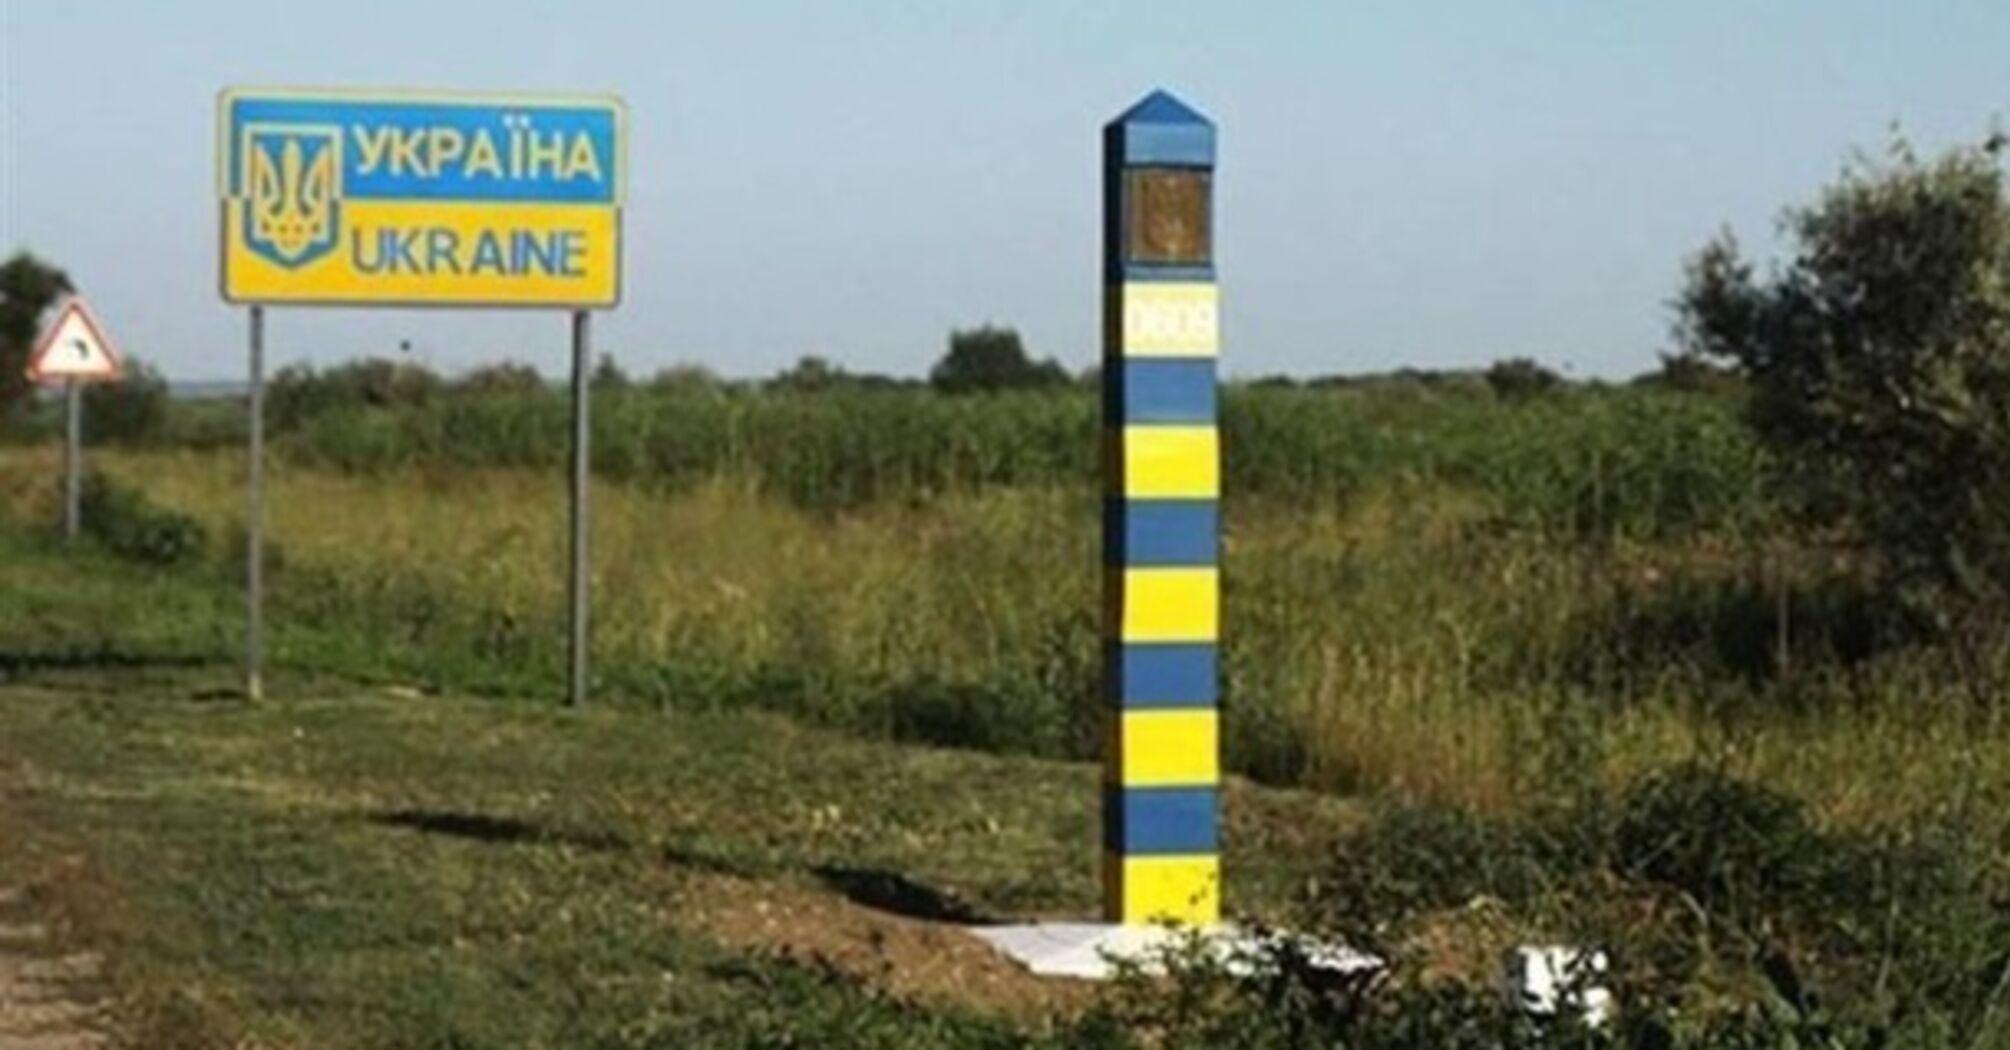 Украина открыла границы для иностранцев - Госпогранслужба